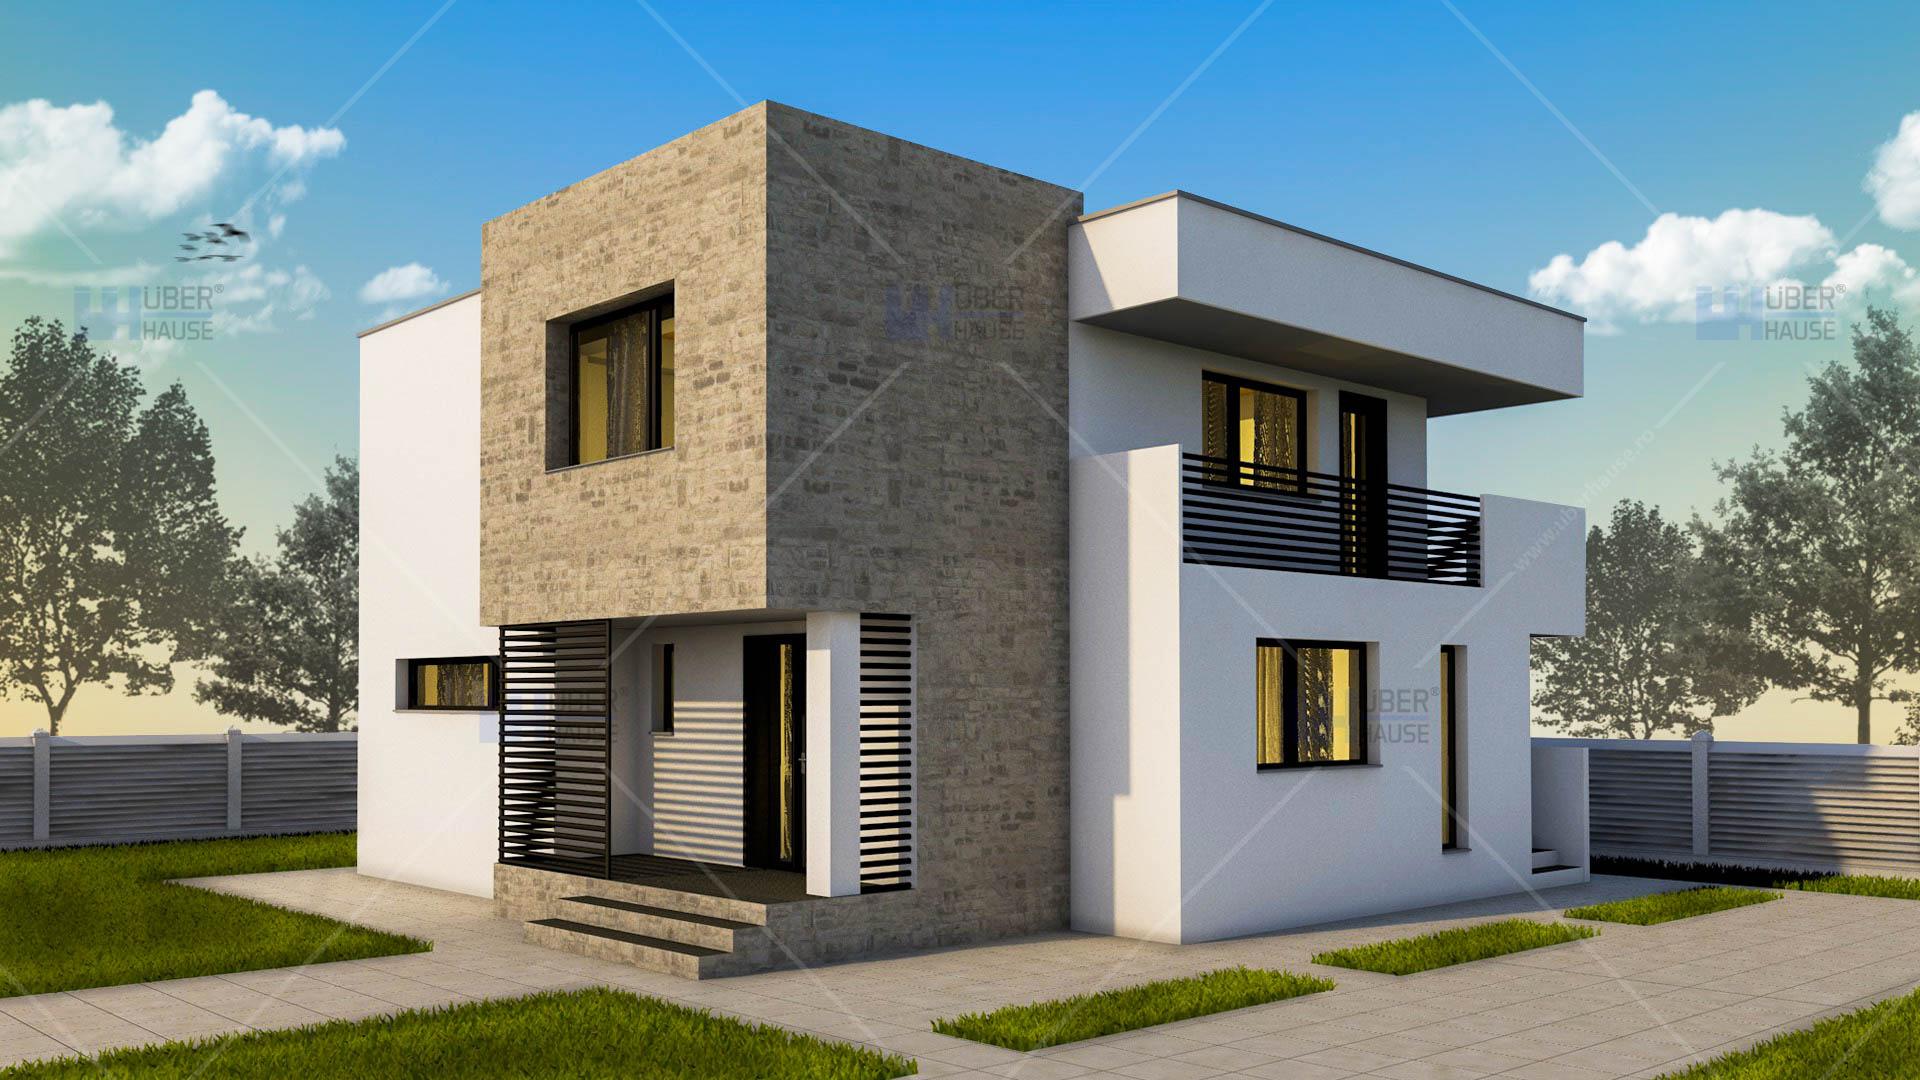 Lucrari proiecte proiect casa cubiqa uberhause poza 1 for Case cu etaj